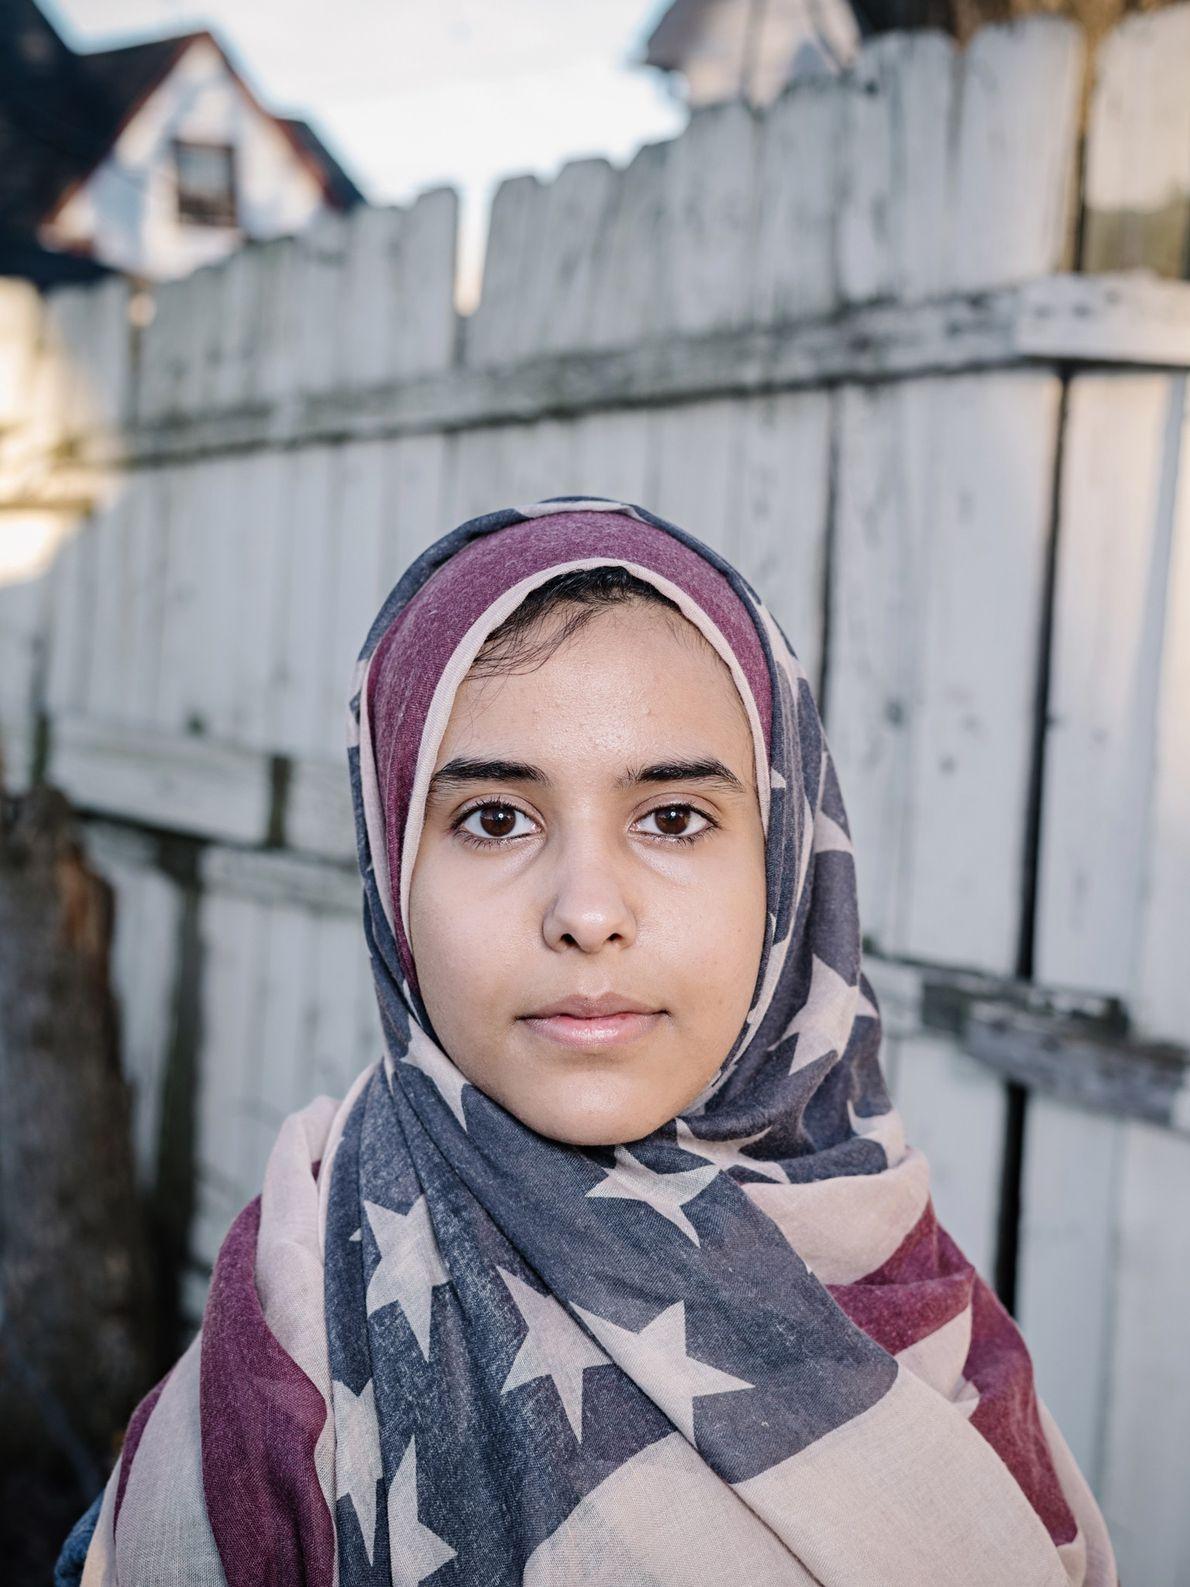 Iman Saleh, cujos pais são do Iémen, é estudante de jornalismo da Universidade Estadual de Wayne, ...